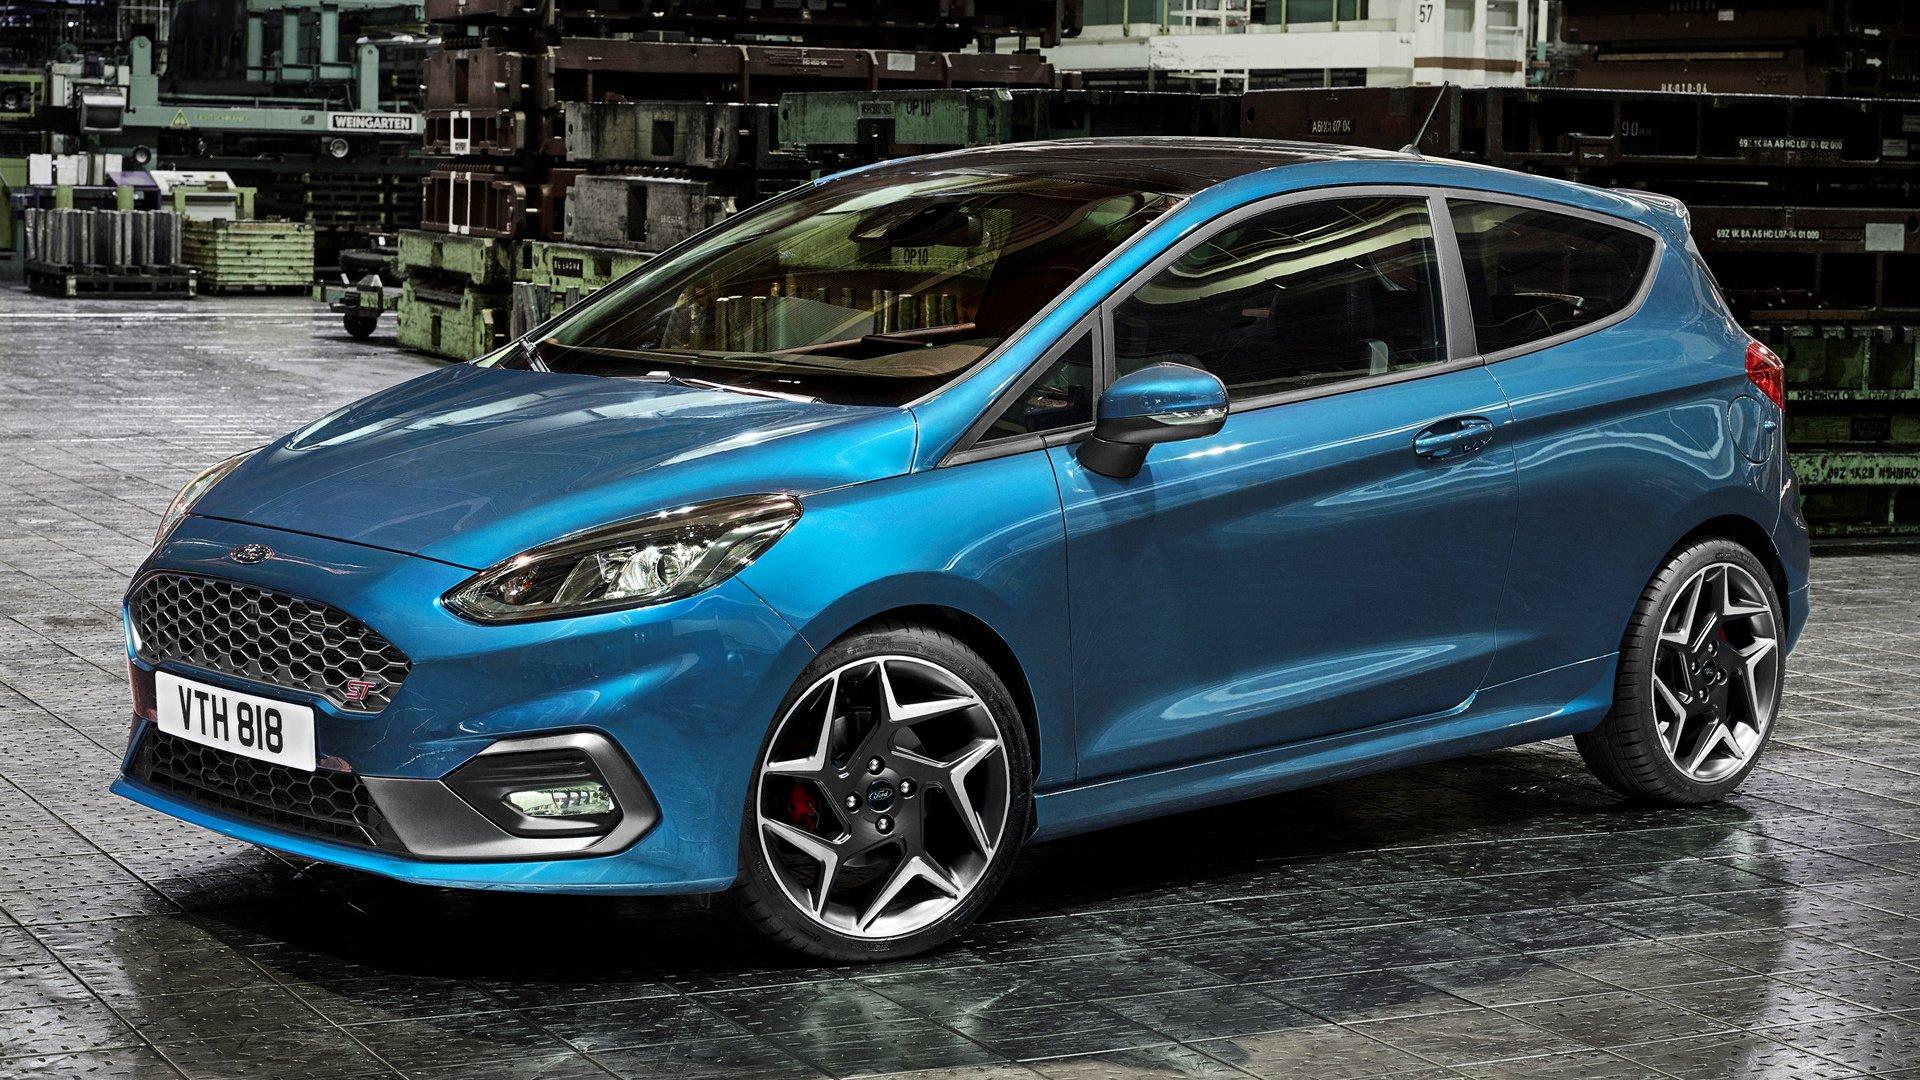 2018 Ford Fiesta St 3 Door Fond Décran Hd Arrière Plan